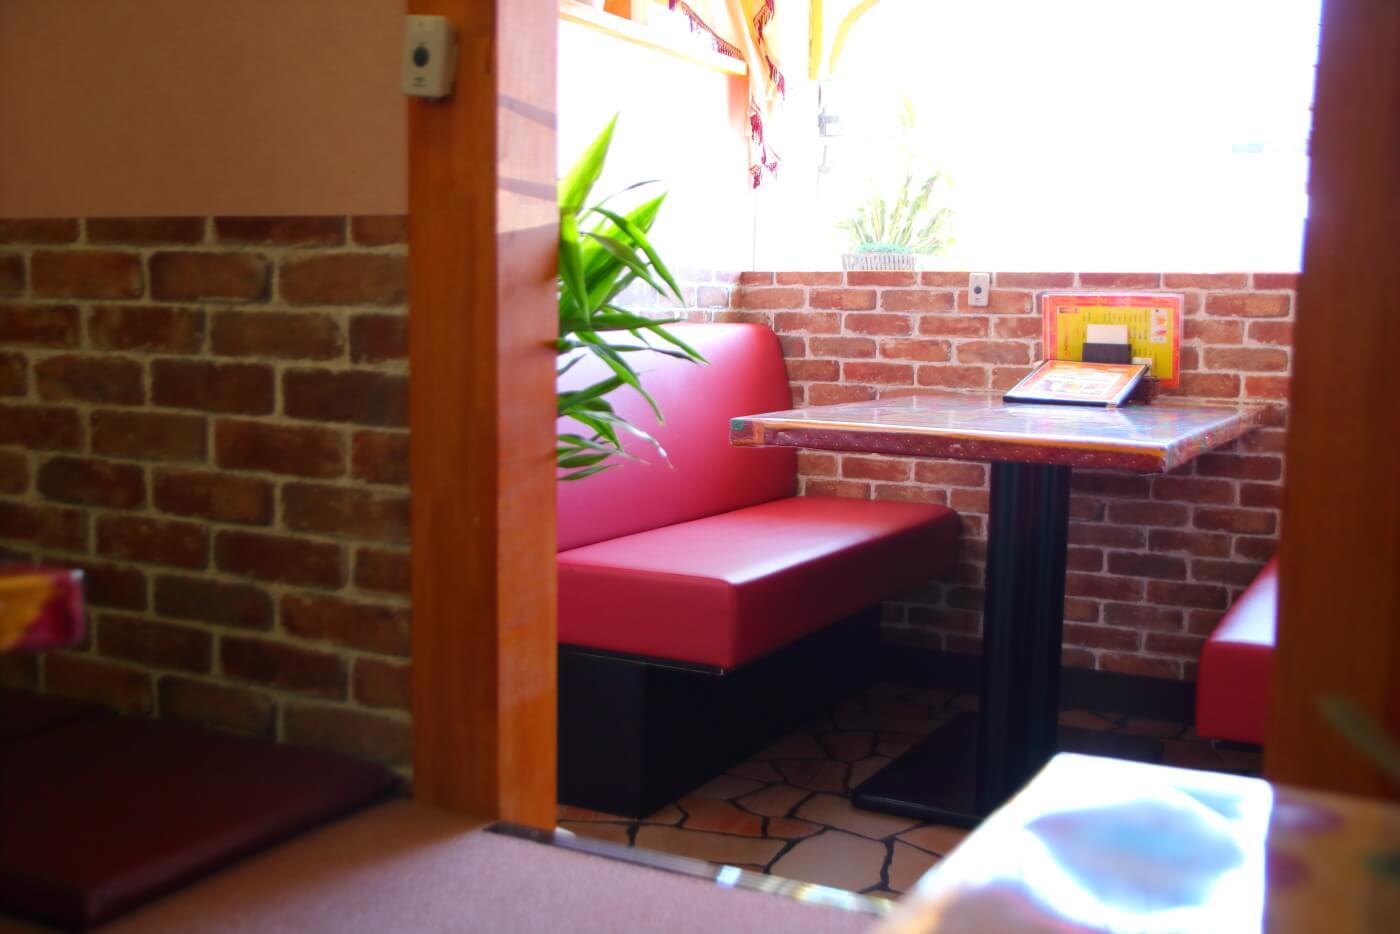 インド料理 スビマハル 内観 テーブル席